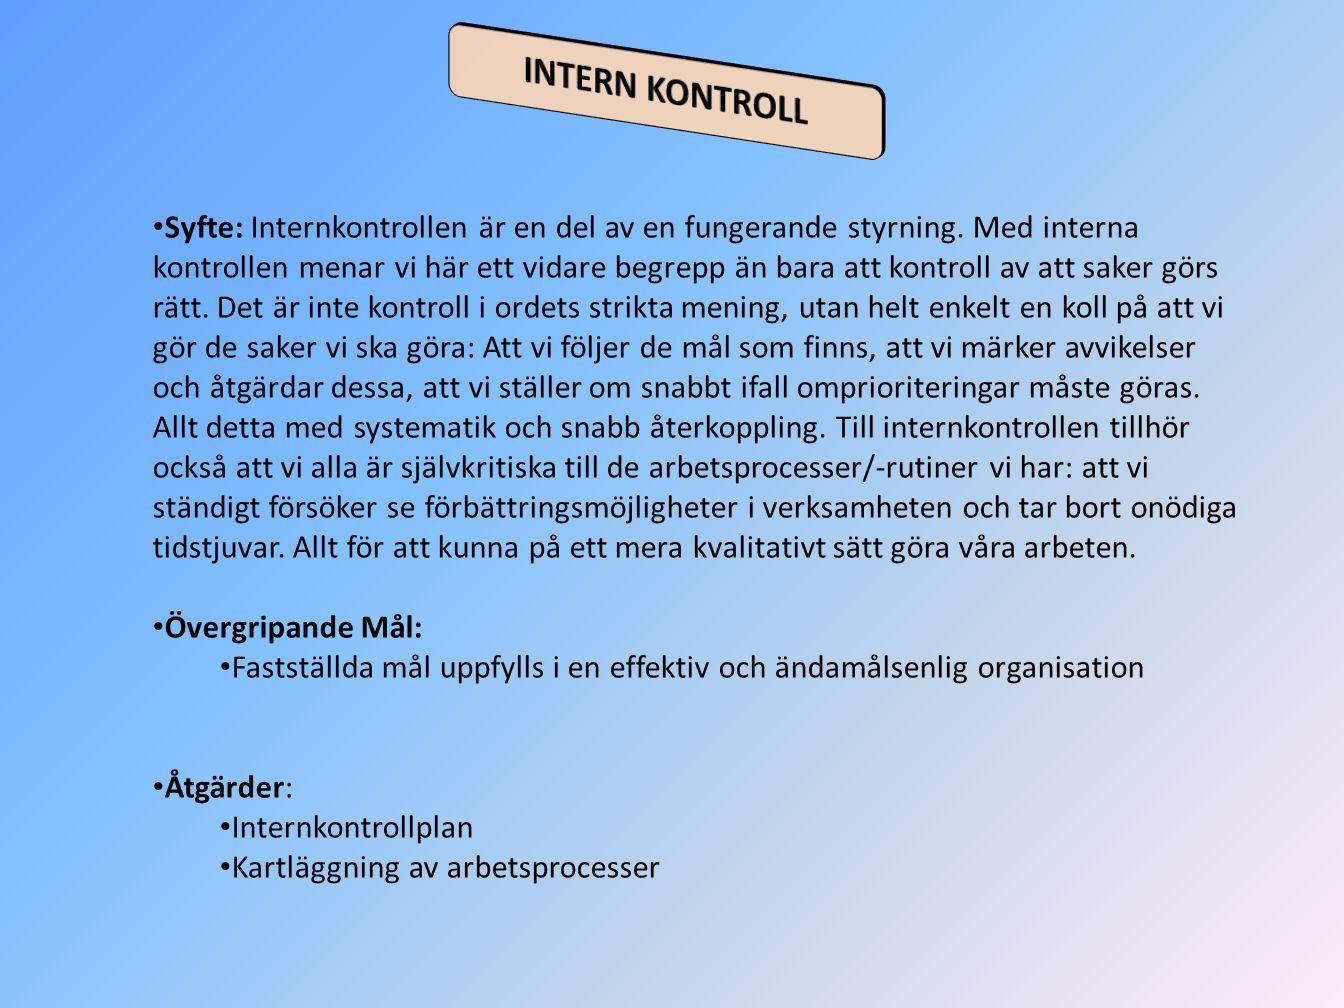 INTERN KONTROLL